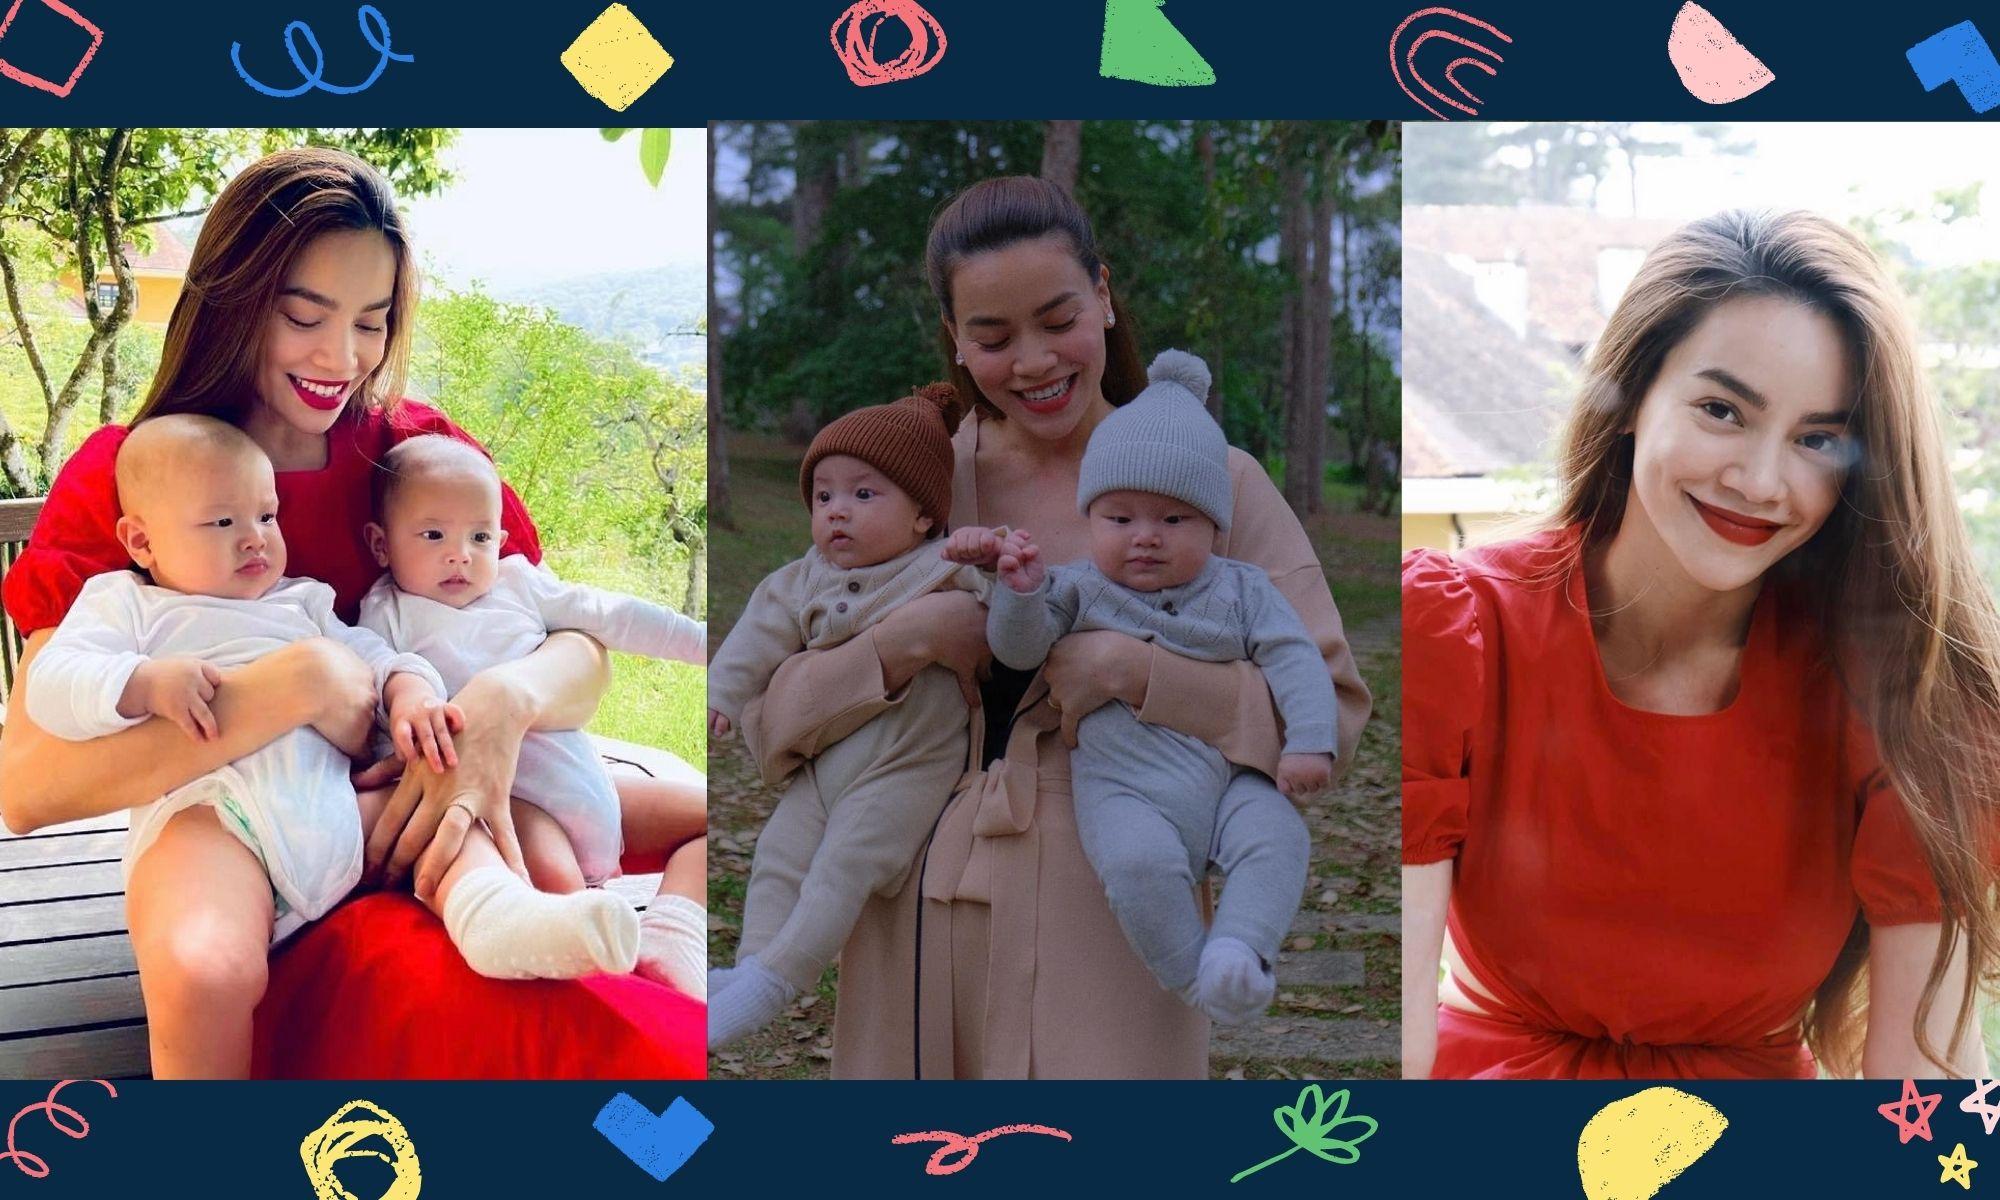 Hồ Ngọc Hà rạng rỡ - hạnh phúc bên cạnh hai con sinh đôi